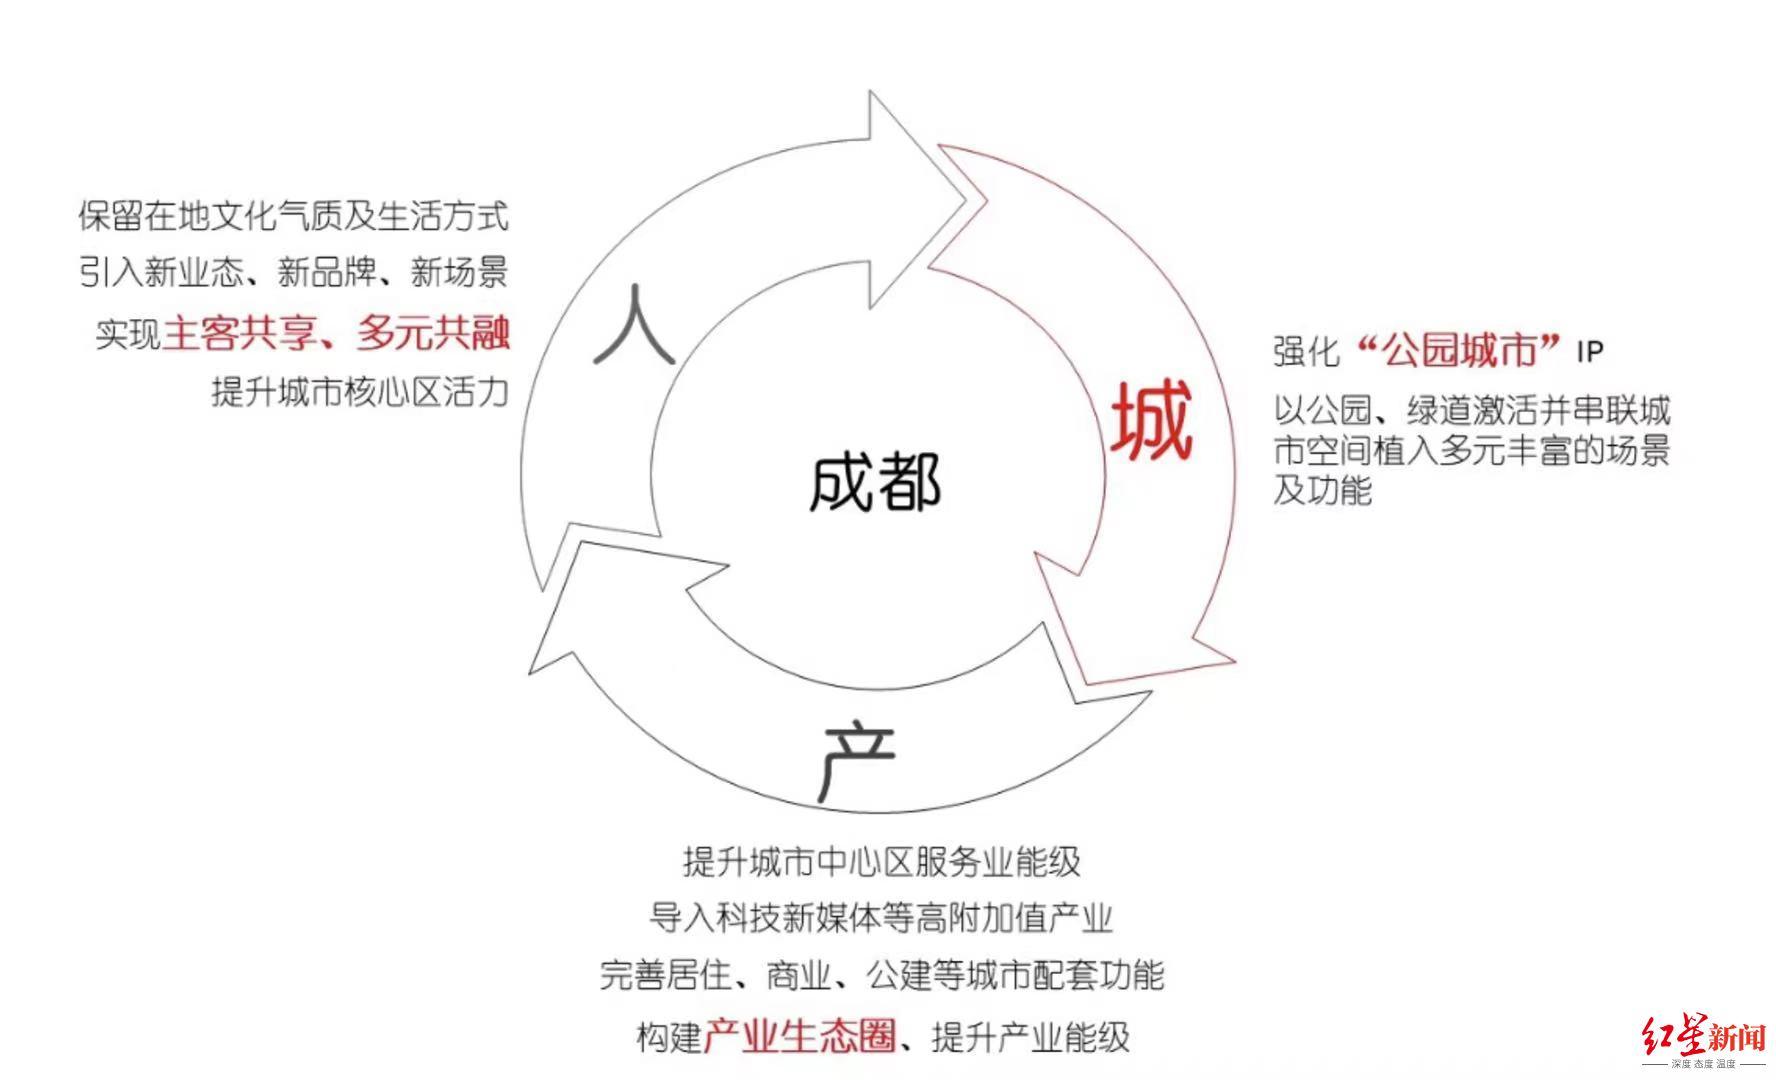 亮相!3位航天员在玻璃房内接受采访,与往年见面会不同 2021年北京业余高尔夫公开赛_试管婴儿哪个规范